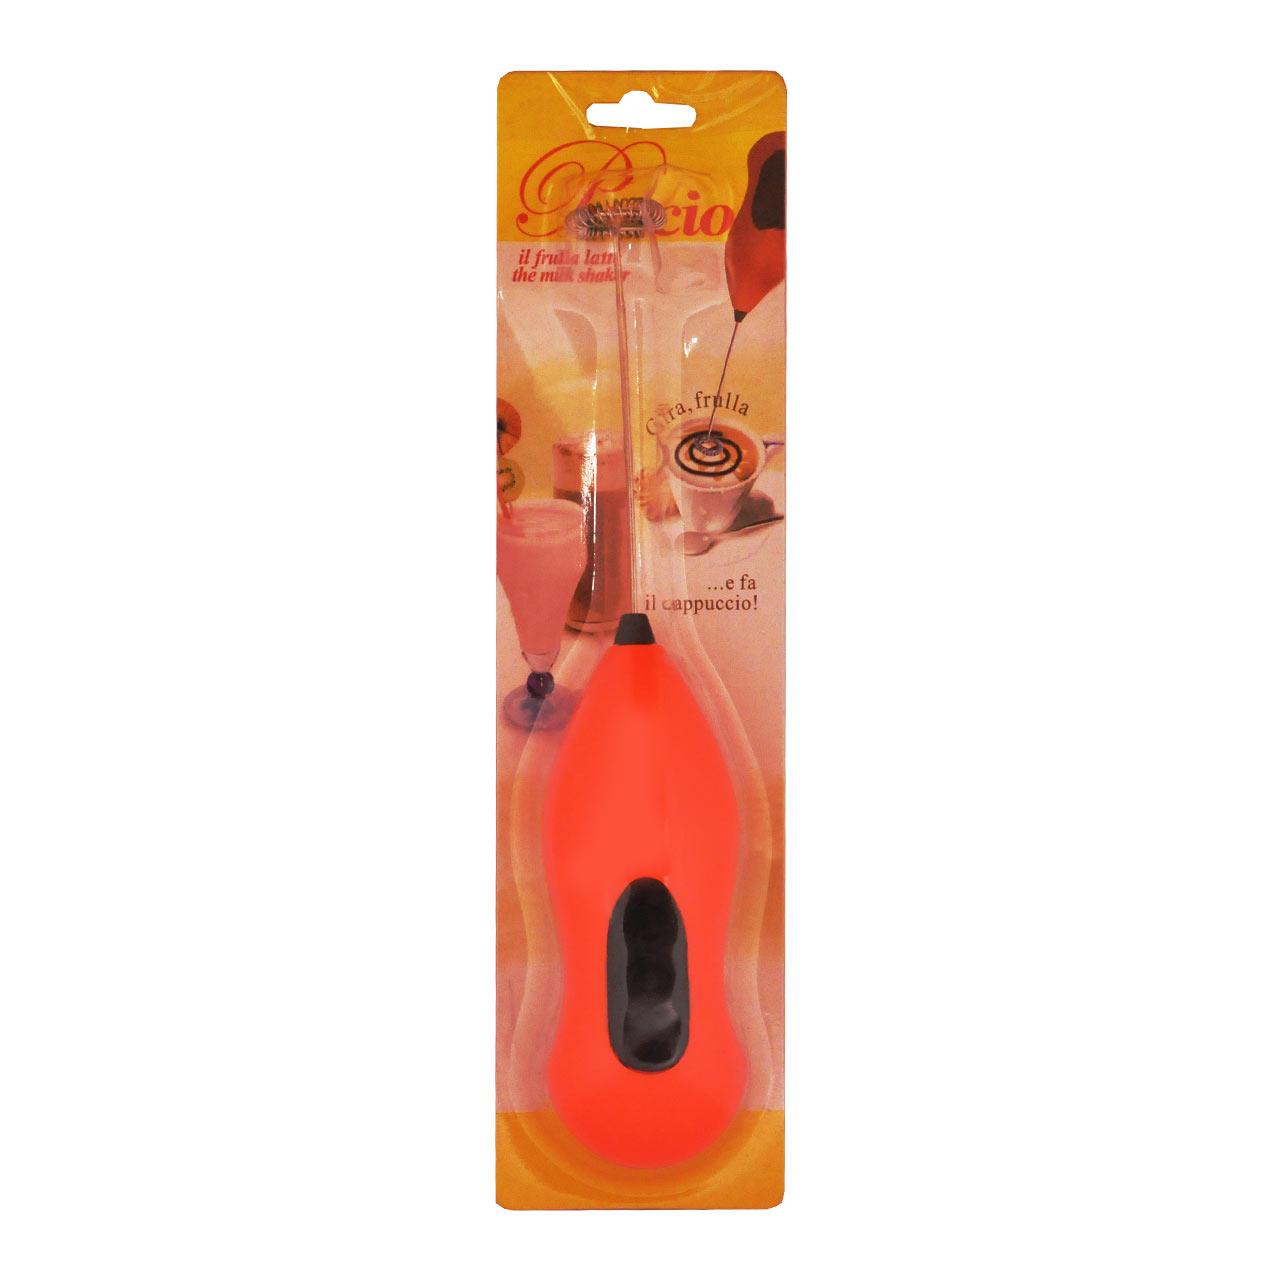 کف ساز برقی نارنجی پاکیو – puccio